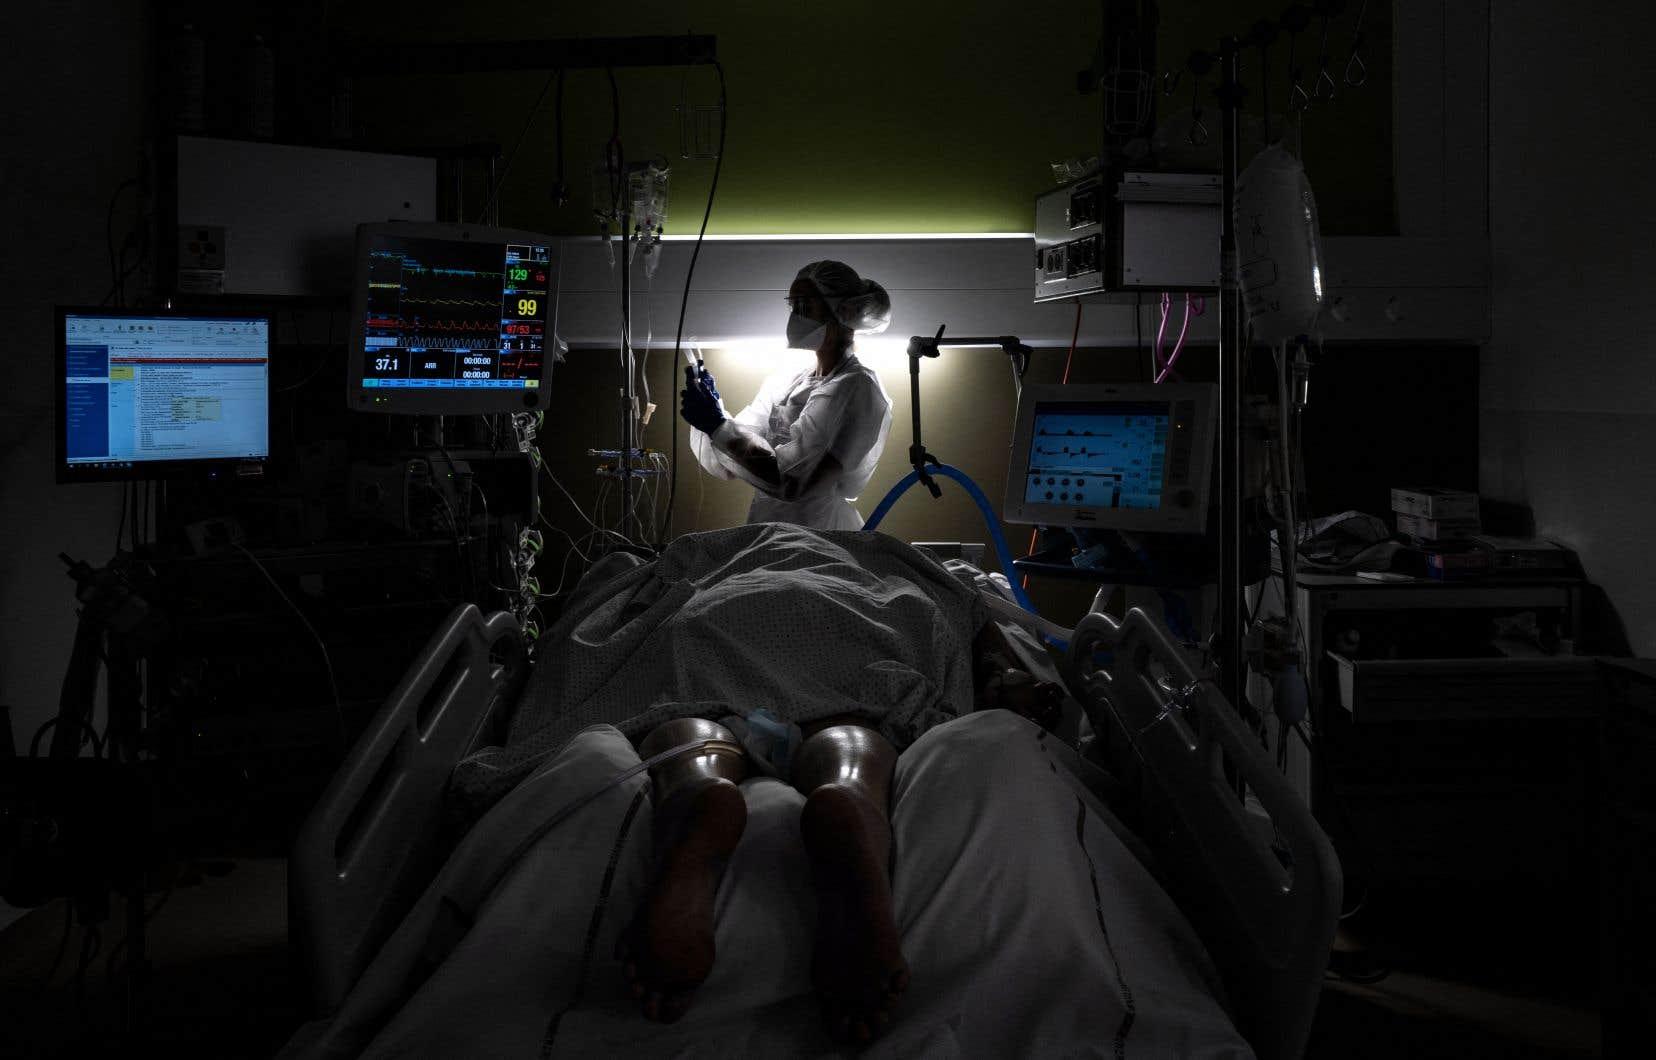 Le travail de soins, majoritairement assumé par des femmes, est injustement perçu comme relevant de prédispositions naturelles.